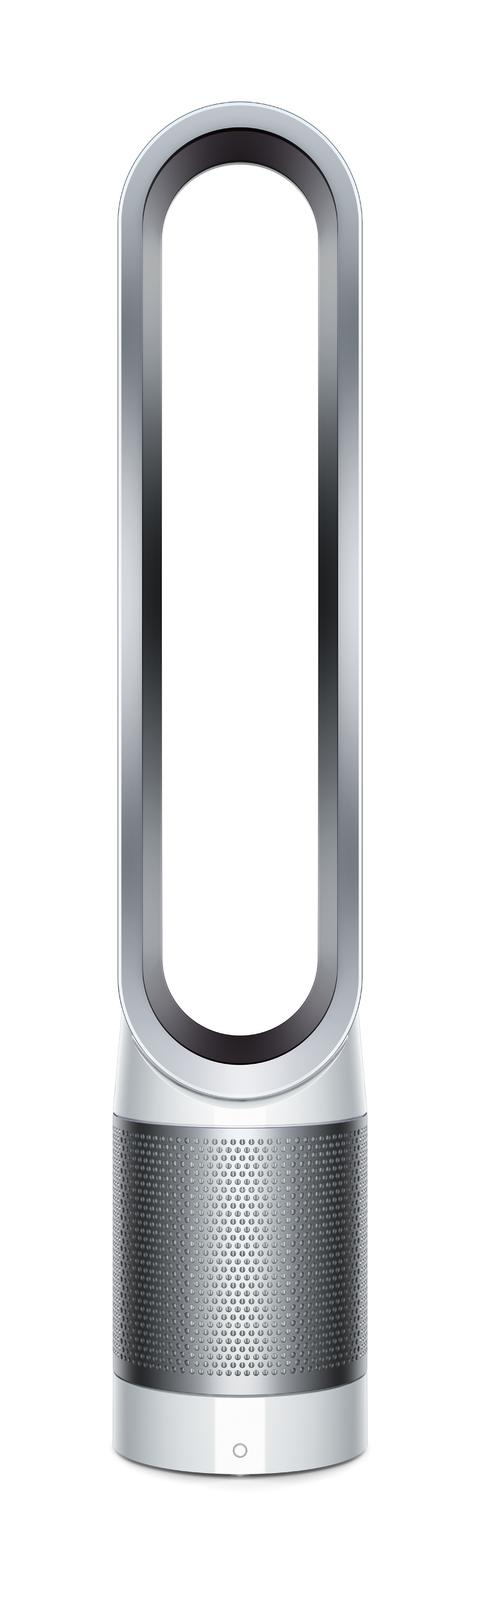 dyson pure cool link der hocheffiziente luftreiniger mit. Black Bedroom Furniture Sets. Home Design Ideas